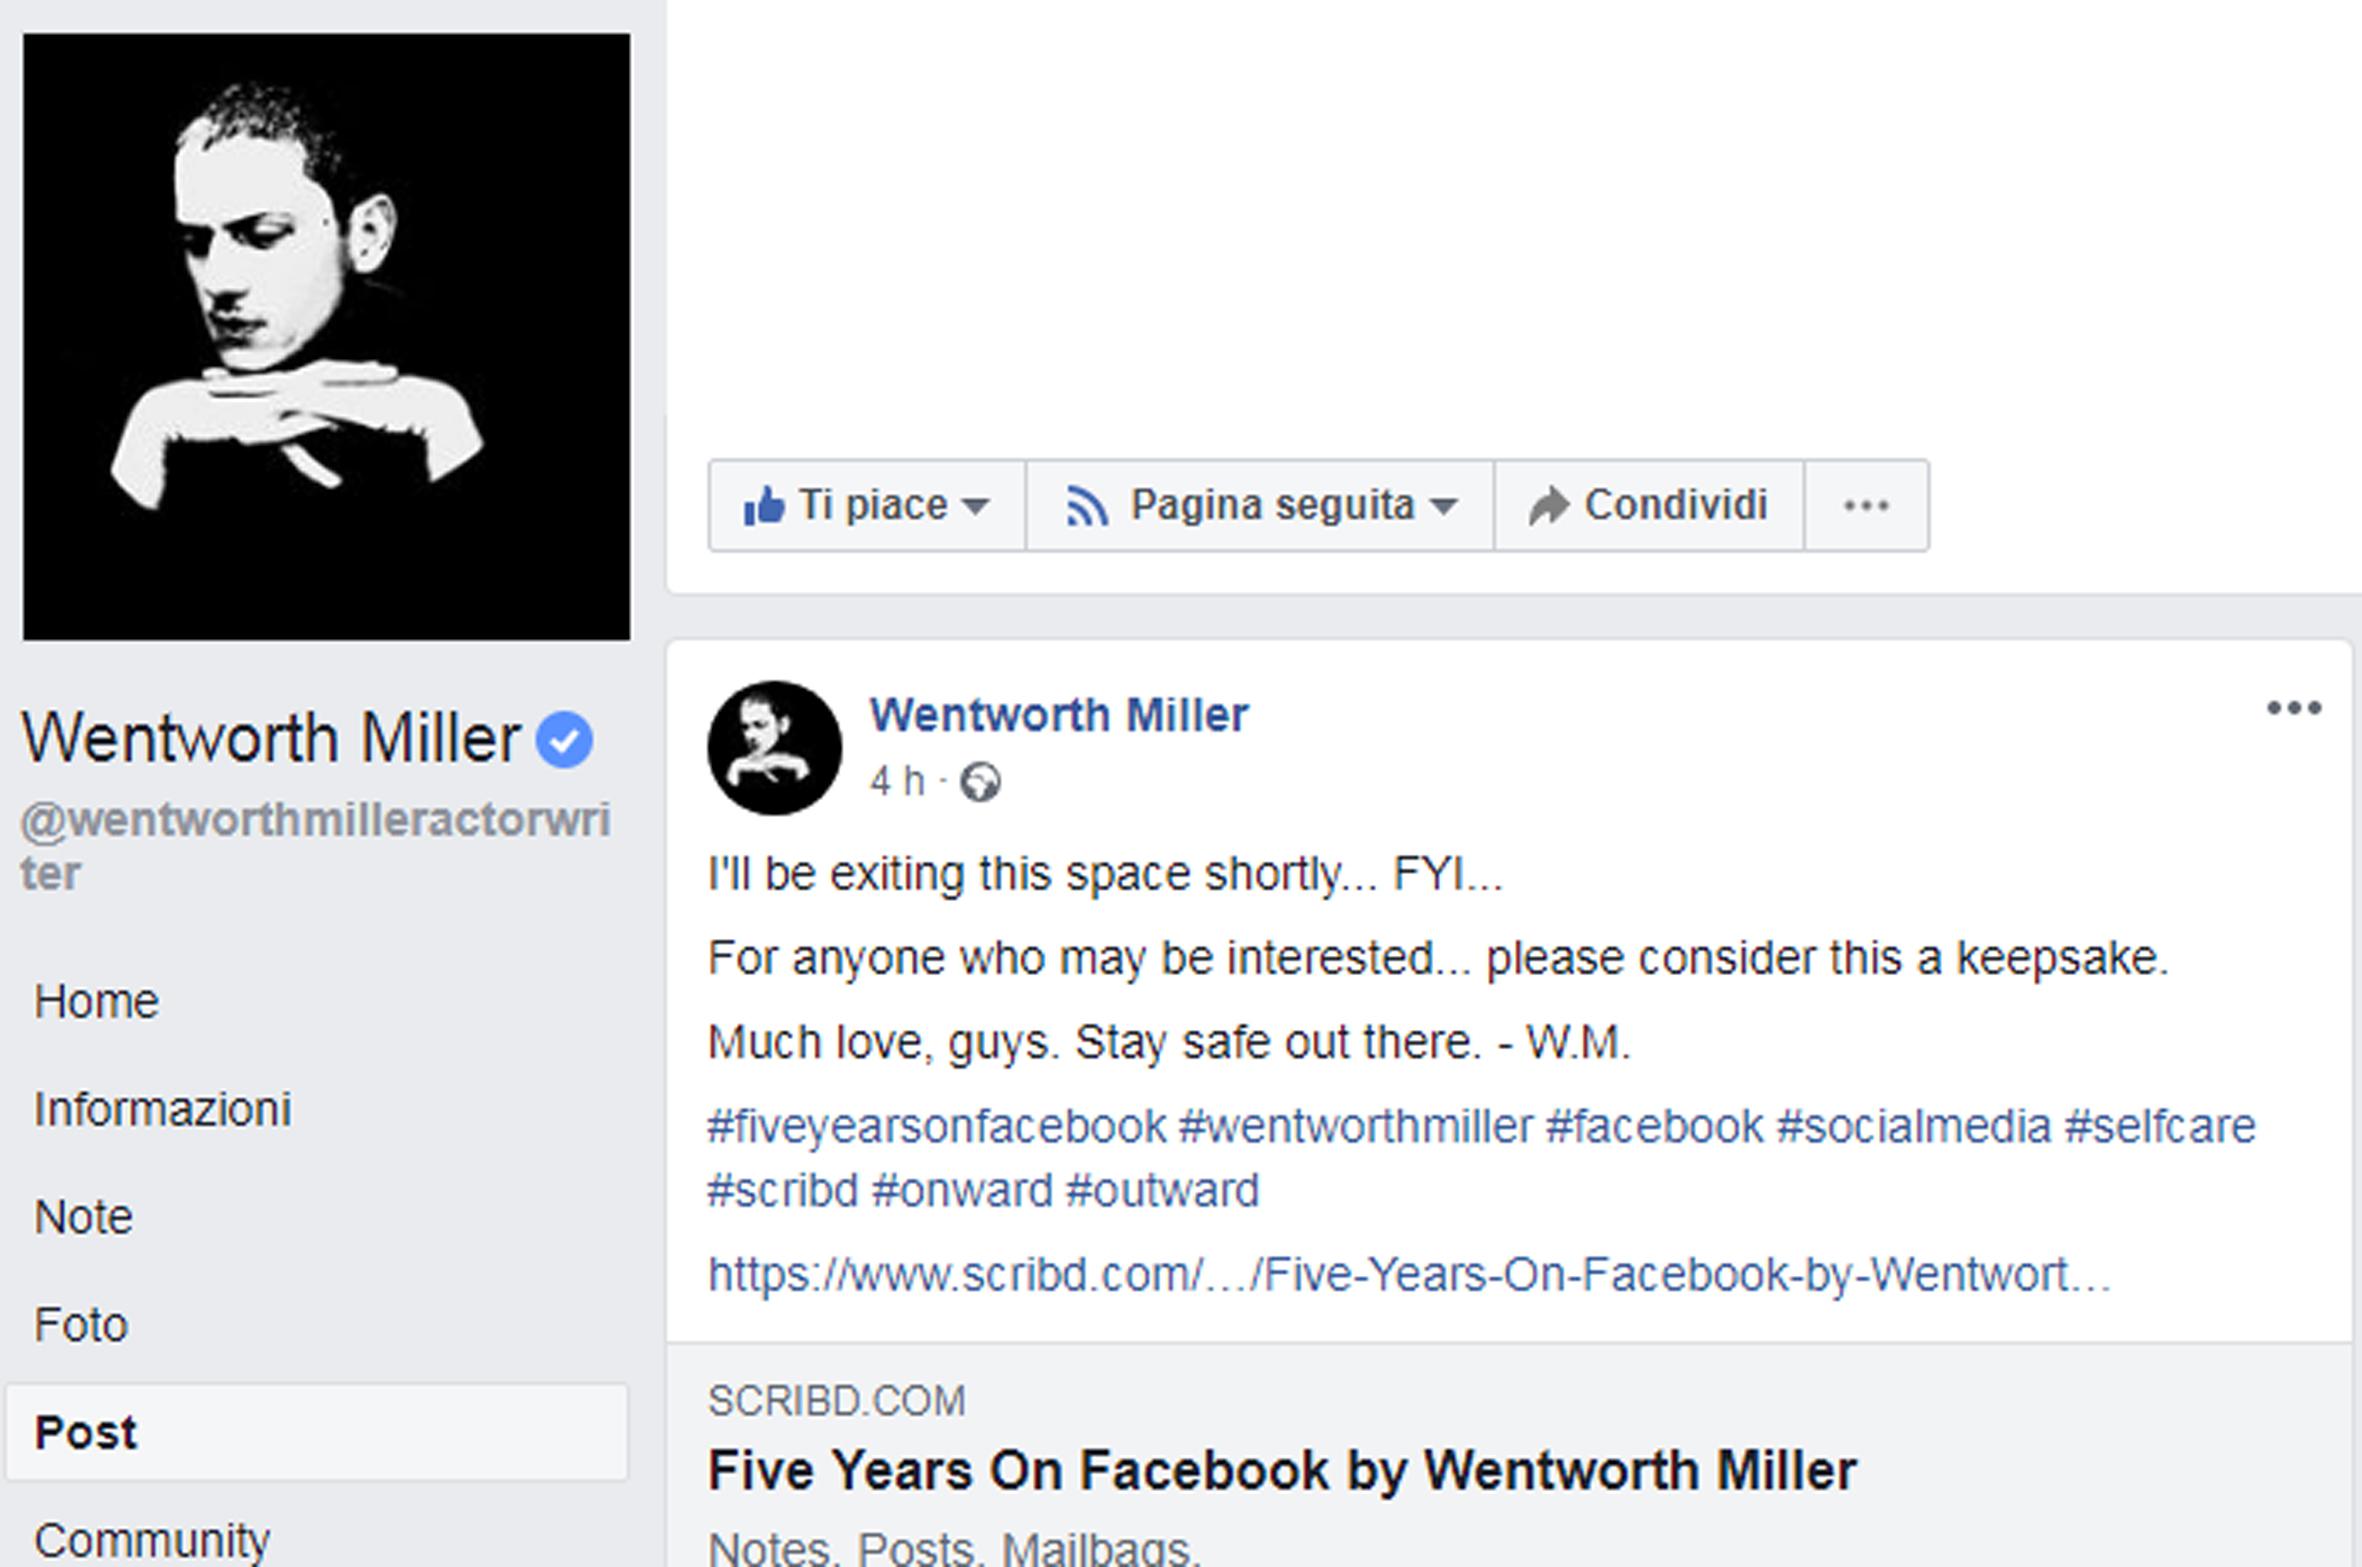 questo link non sarà più visibile una volta che Wentworth avrà oscurato  definitivamente la sua pagina facebook. Trovate la fonte in foto qui sotto  d675f7c3081